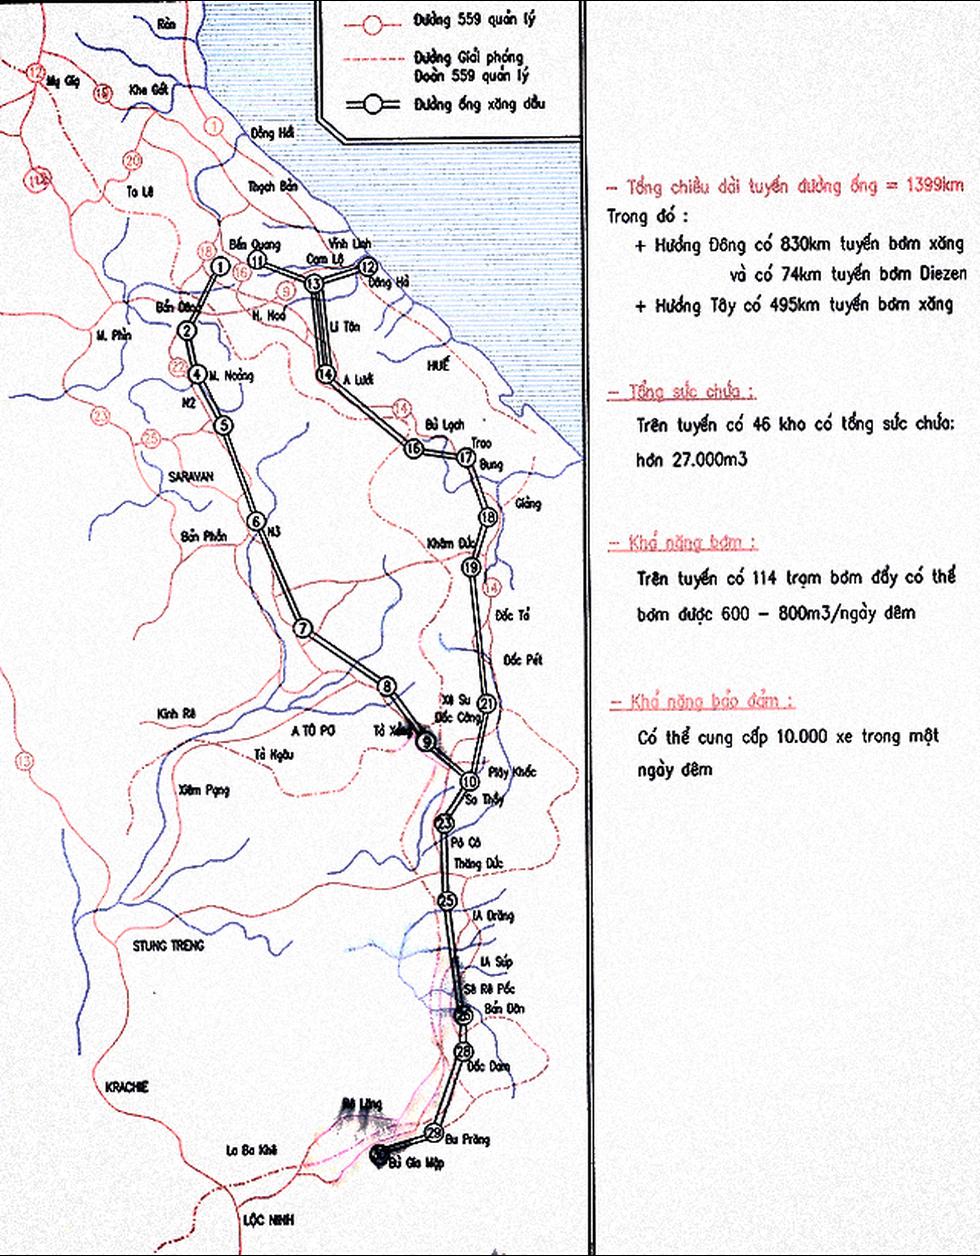 Tướng Đồng Sỹ Nguyên và đường ống xăng dầu vượt Trường Sơn bão lửa - Ảnh 6.